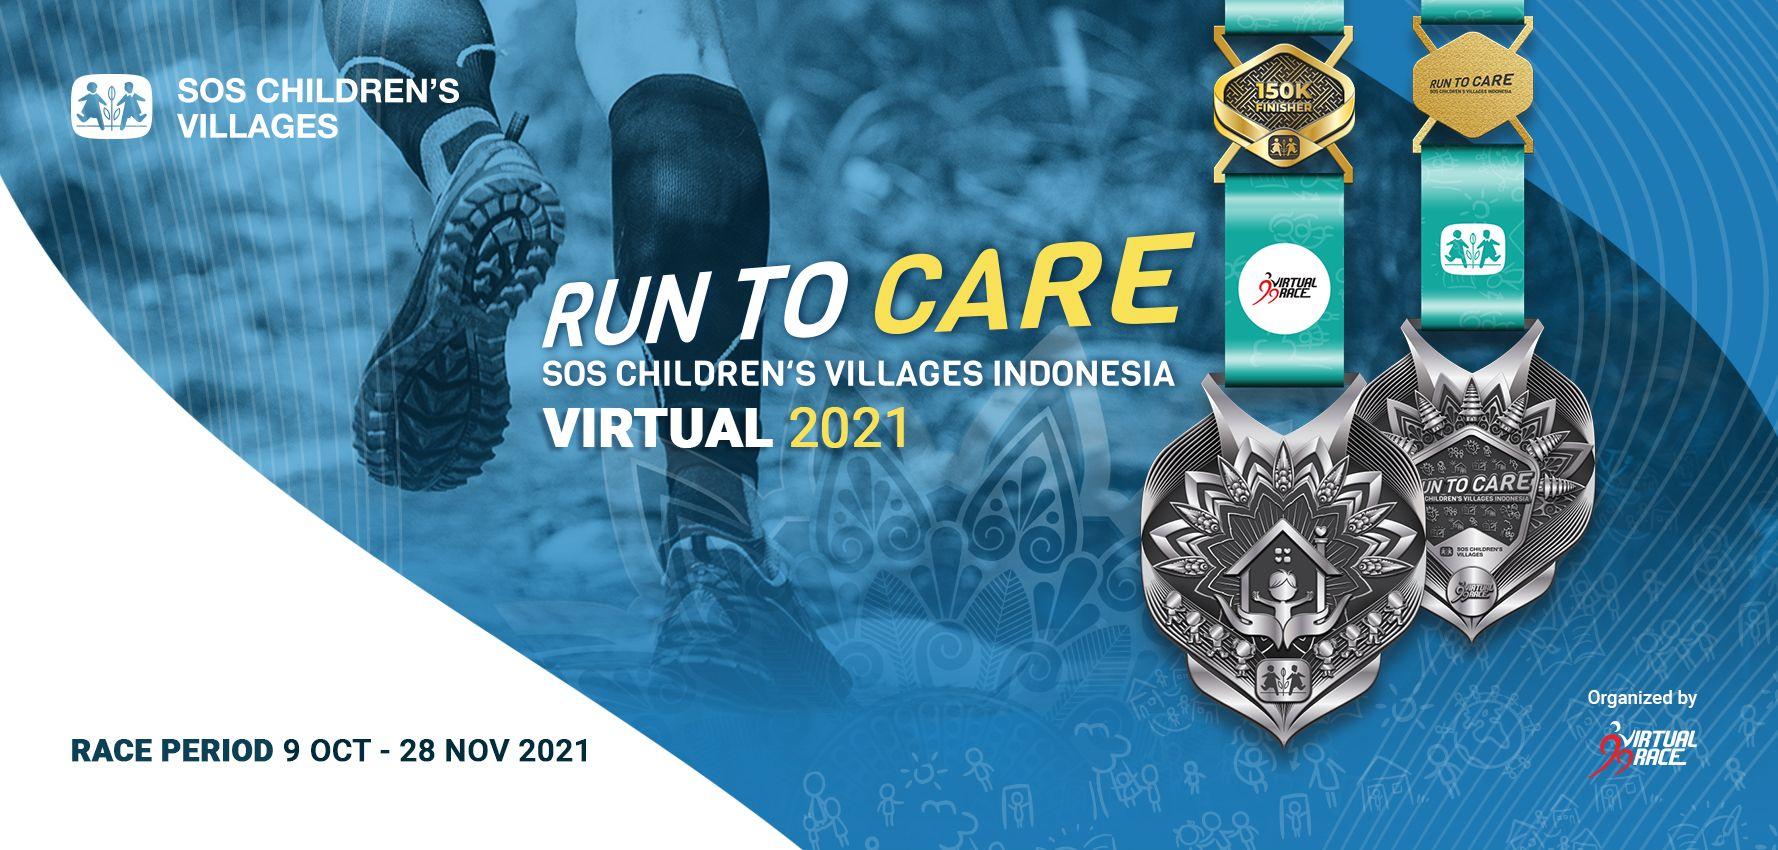 Run To Care Virtual 2021